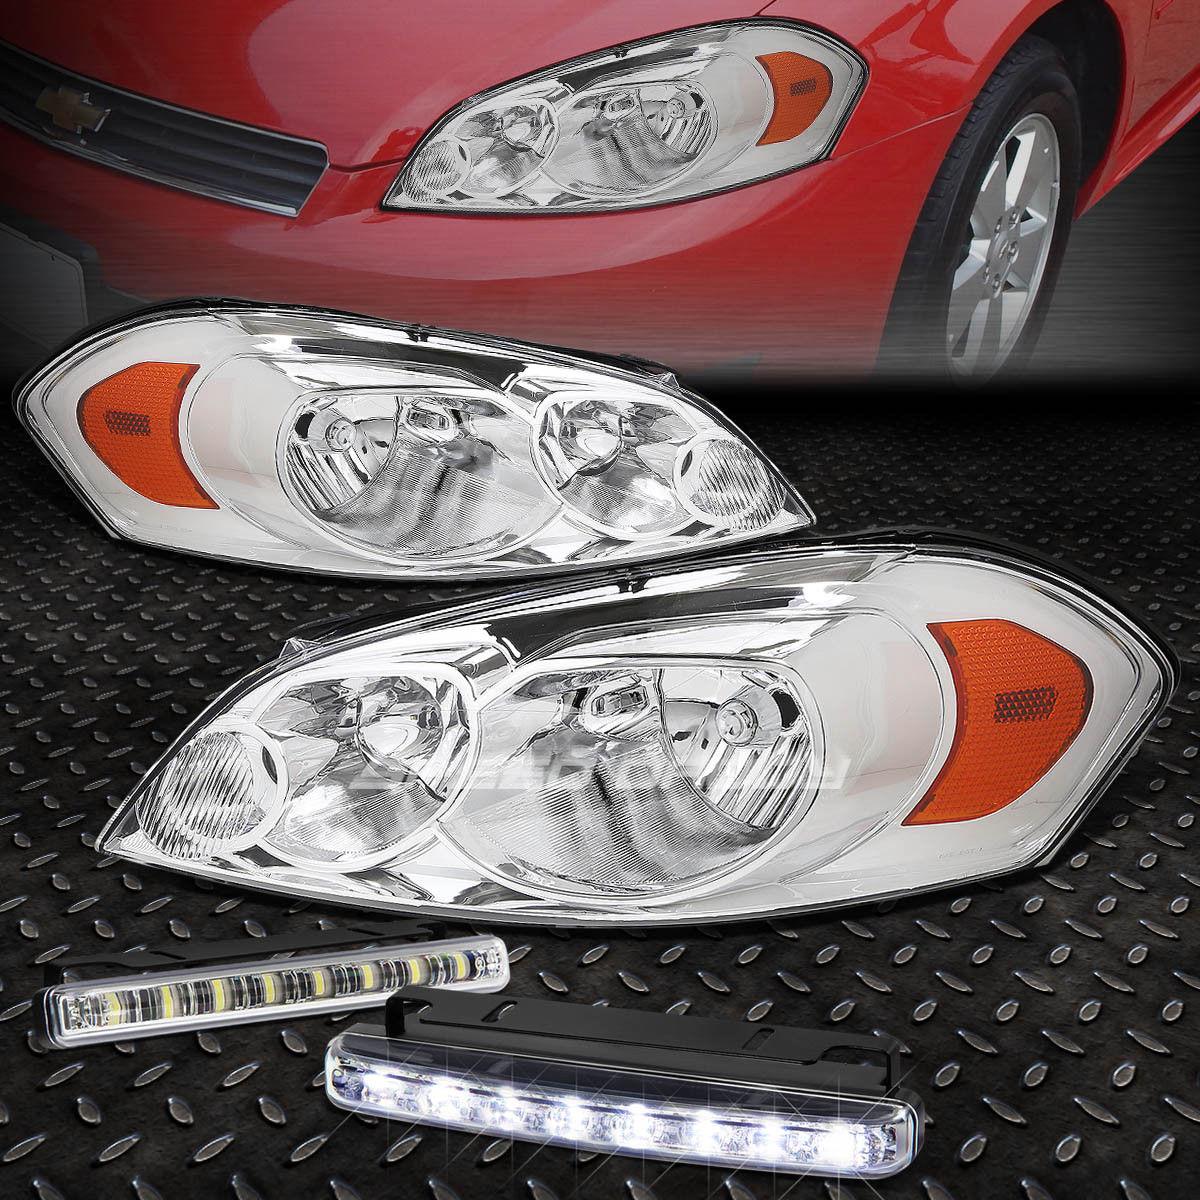 フォグライト CHROME HOUSING CLEAR LENS+AMBER CORNER HEADLIGHT+LED FOG LIGHT FOR 06-16 IMPALA CHROME HOUSING CLEAR LENS +アンバーコーナーヘッドライト+ 06-16 IMPALA用LED FOGライト